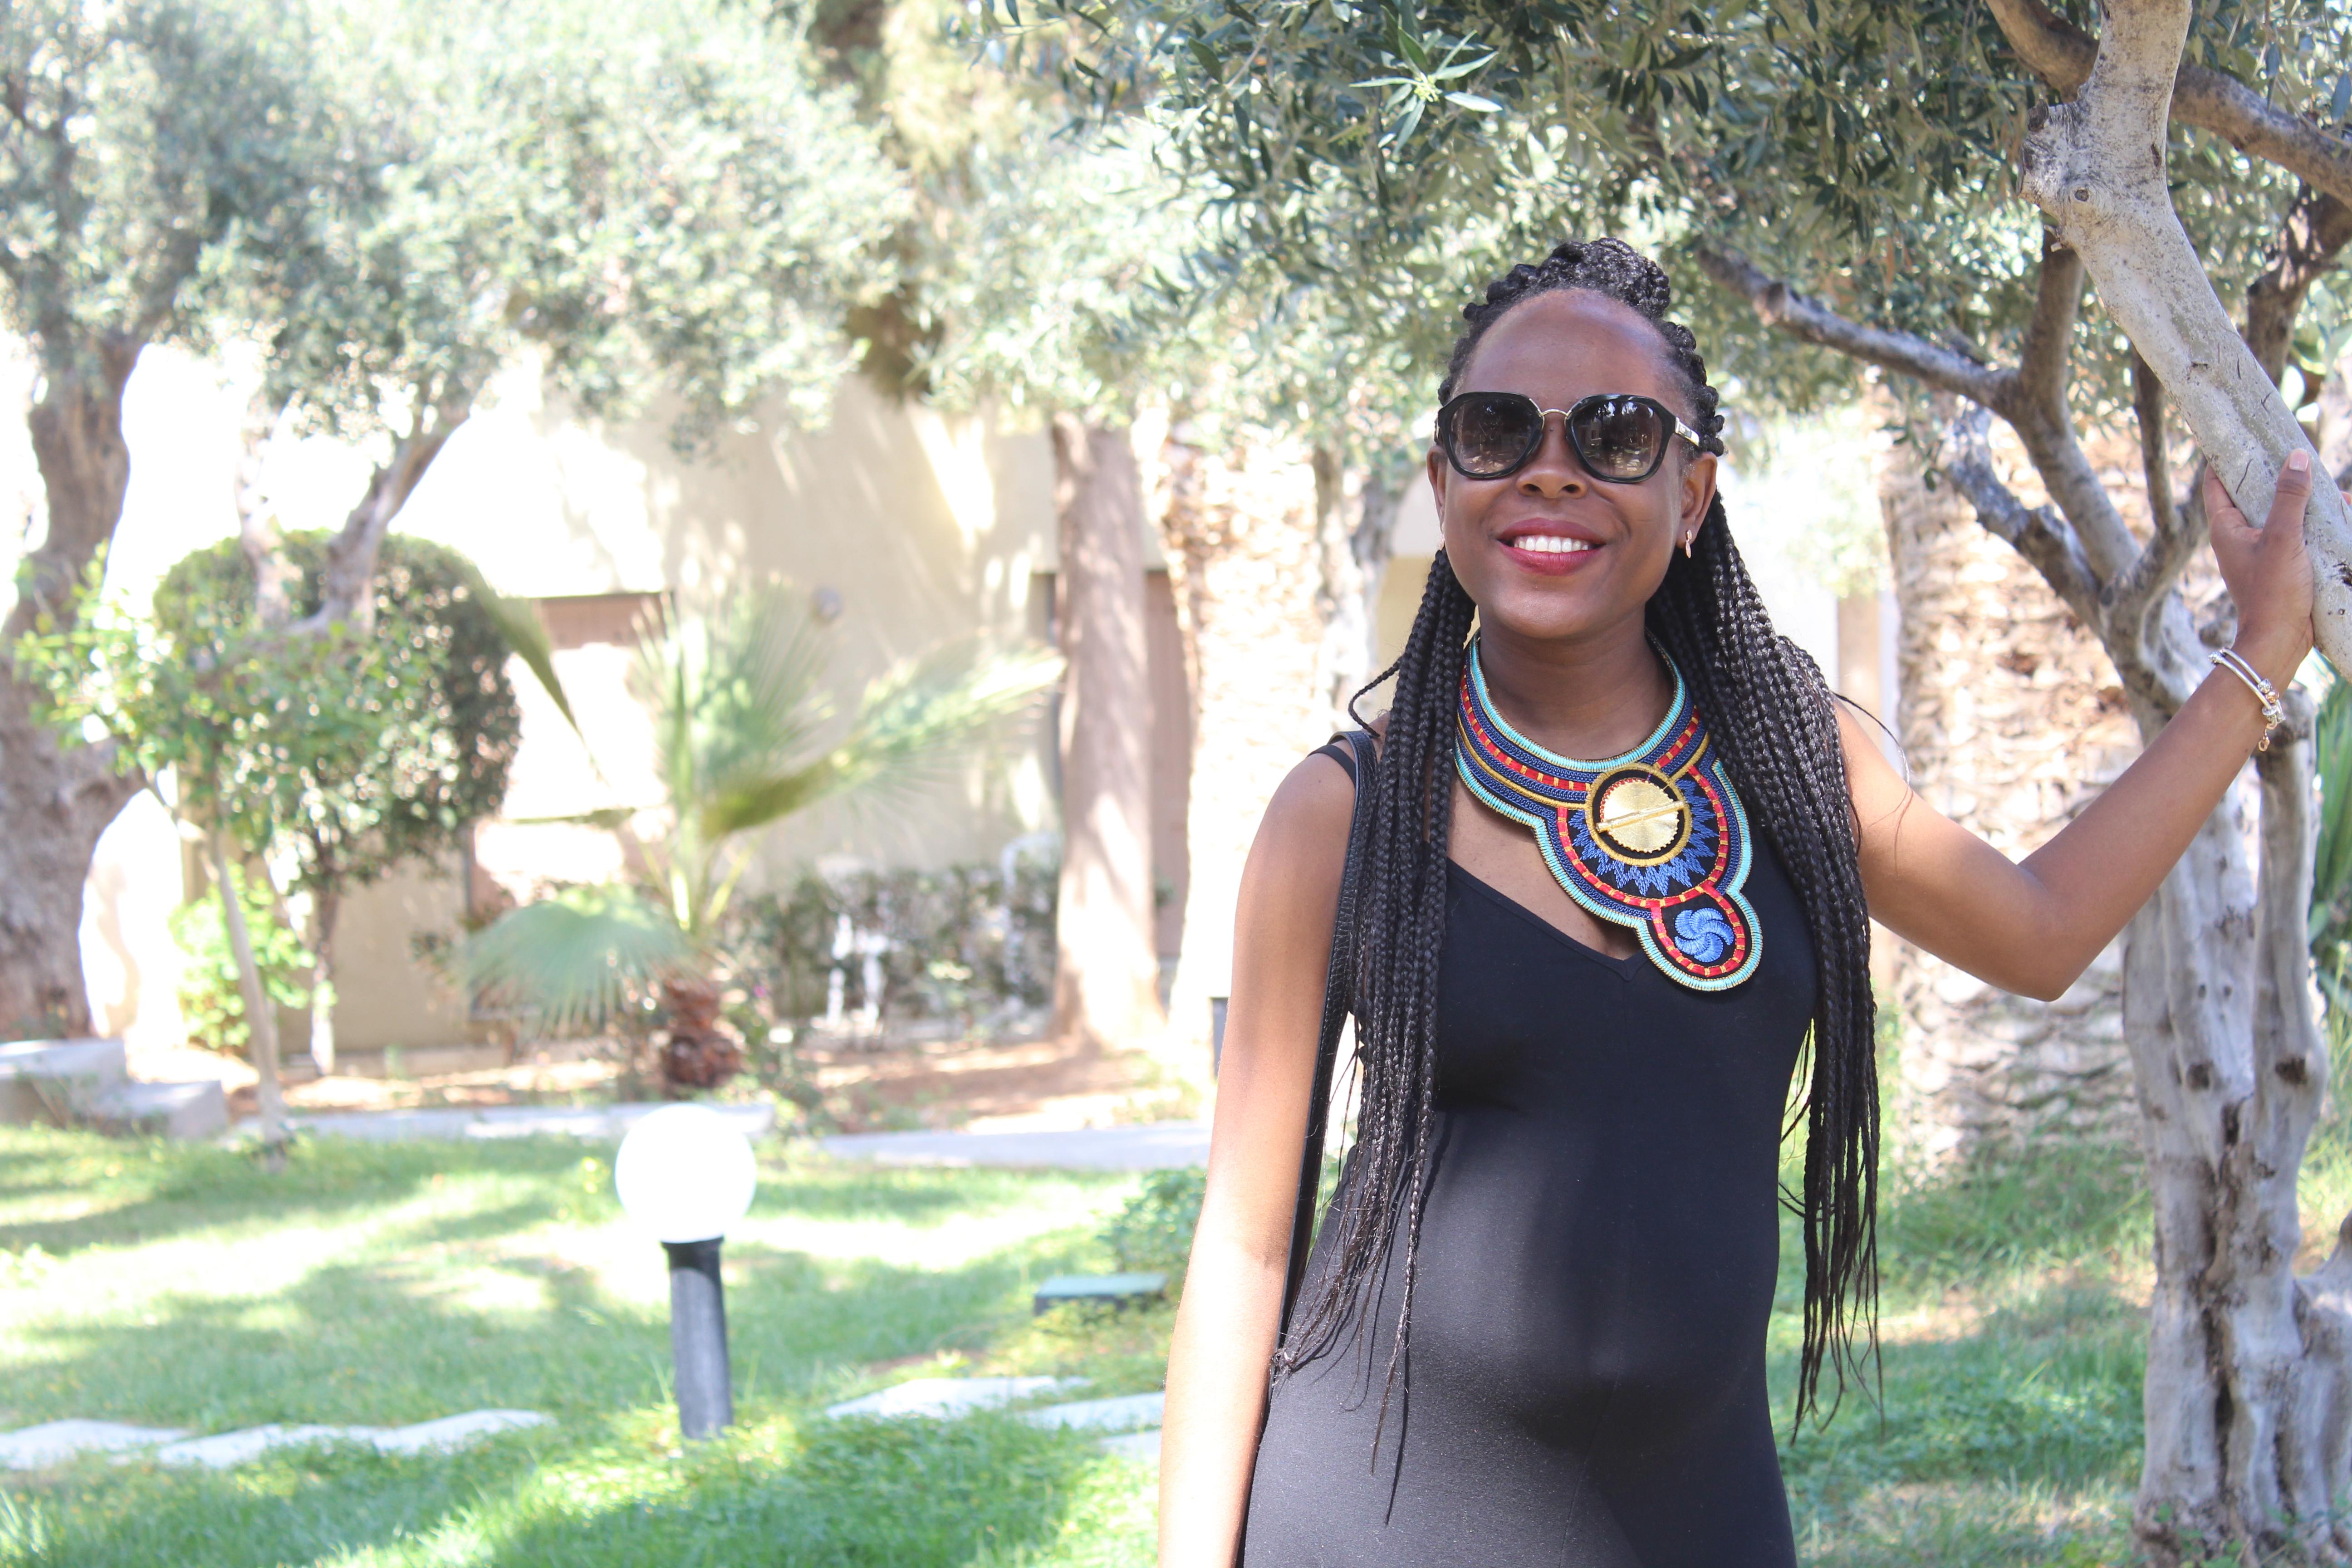 Rédactrice de papillon noir le blog, femme au visage souriant